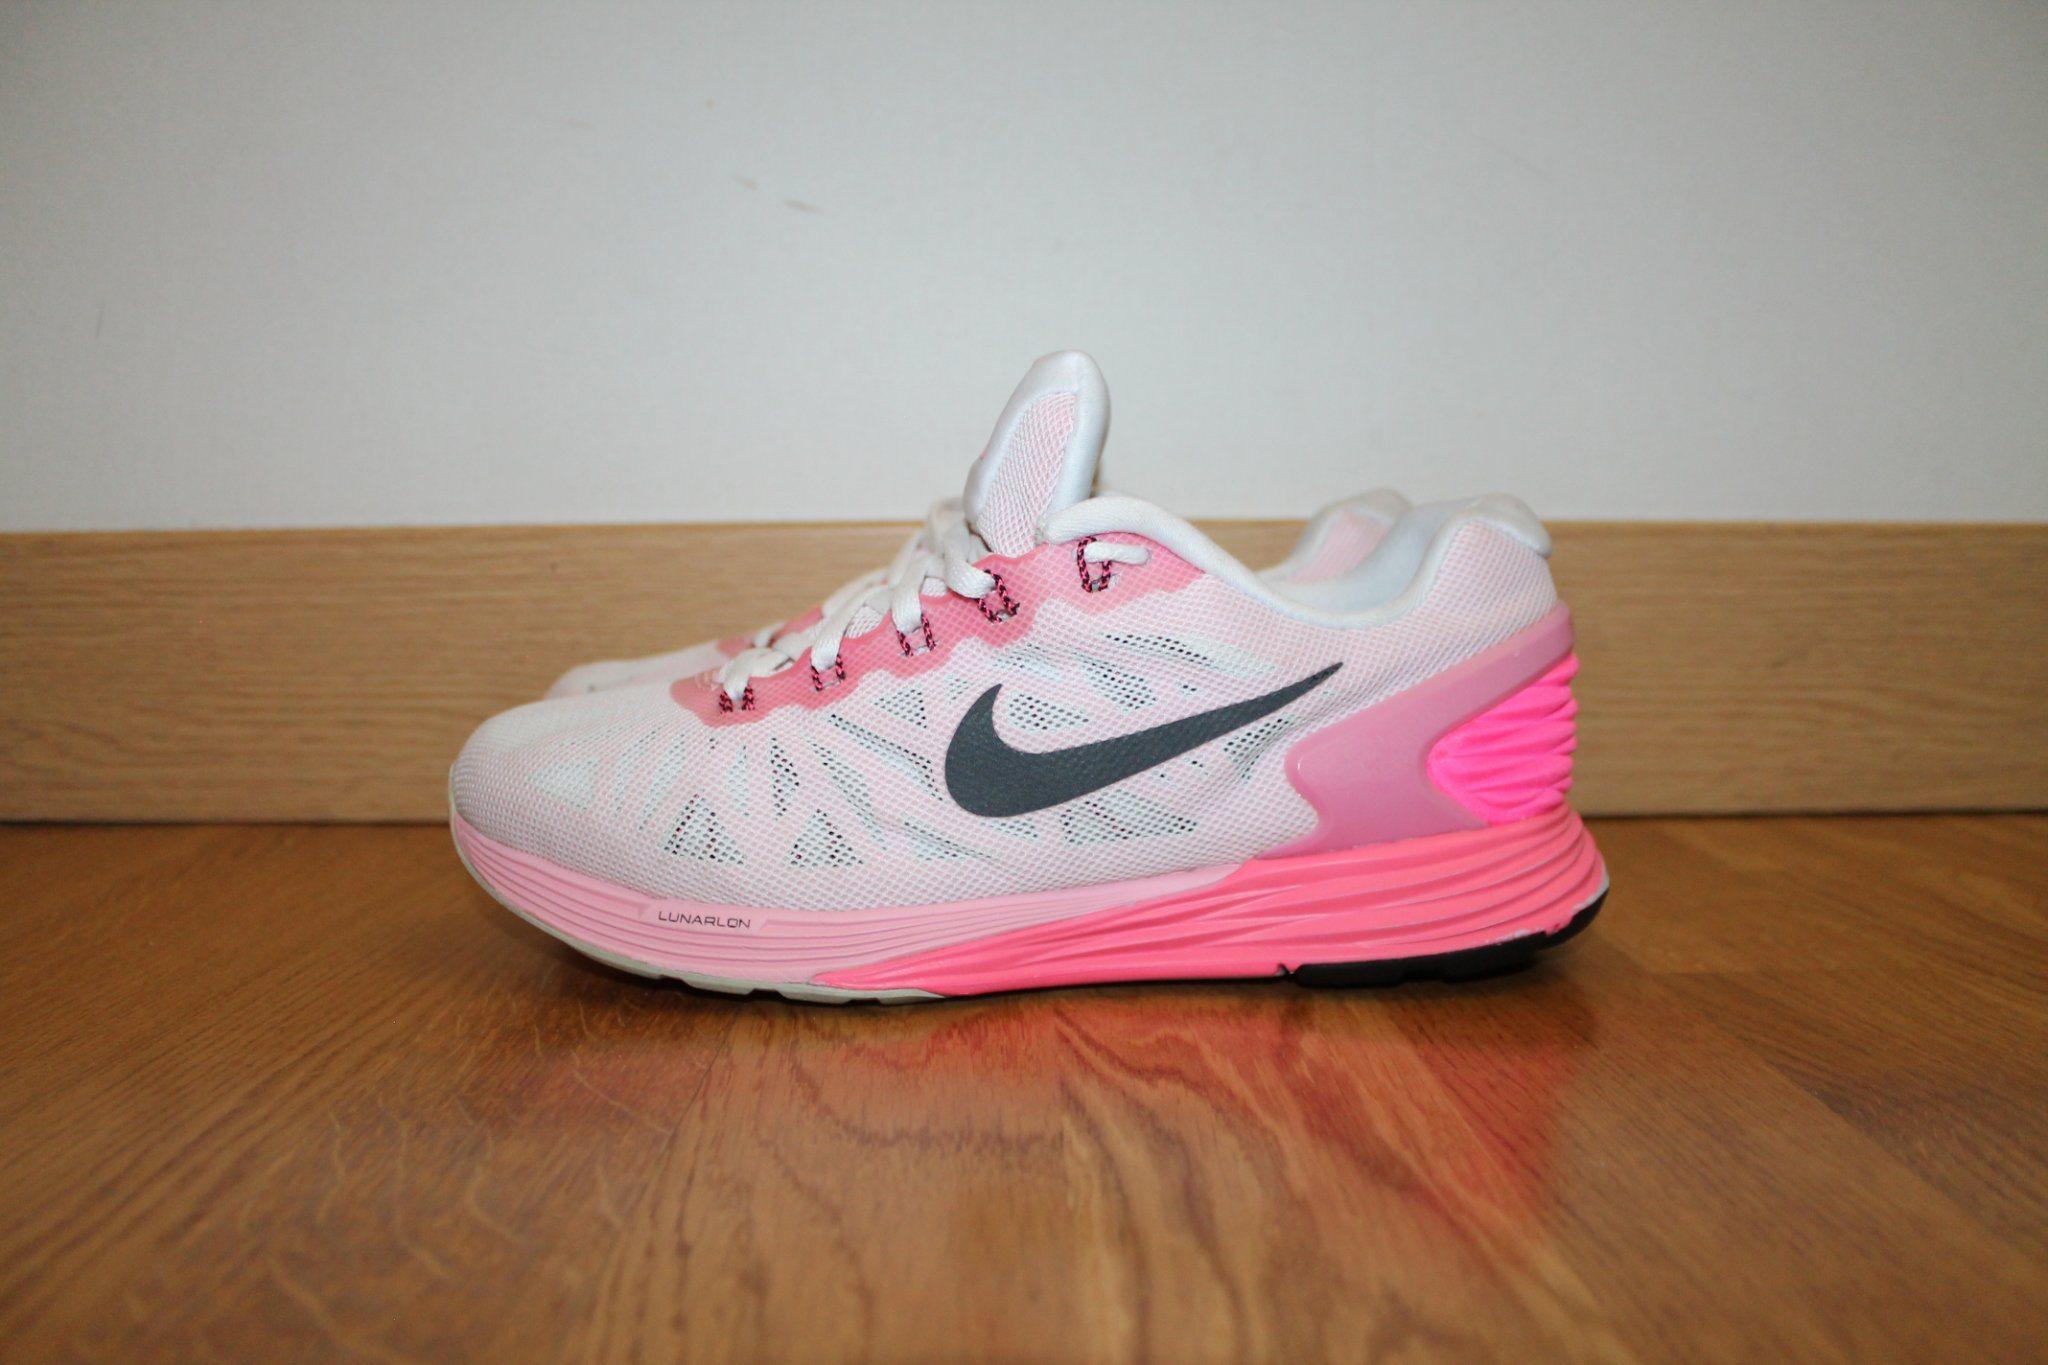 sale retailer 093ad a79ab Nike Lunarglide 6 Träningsskor i storlek 38 !!!i fint skick